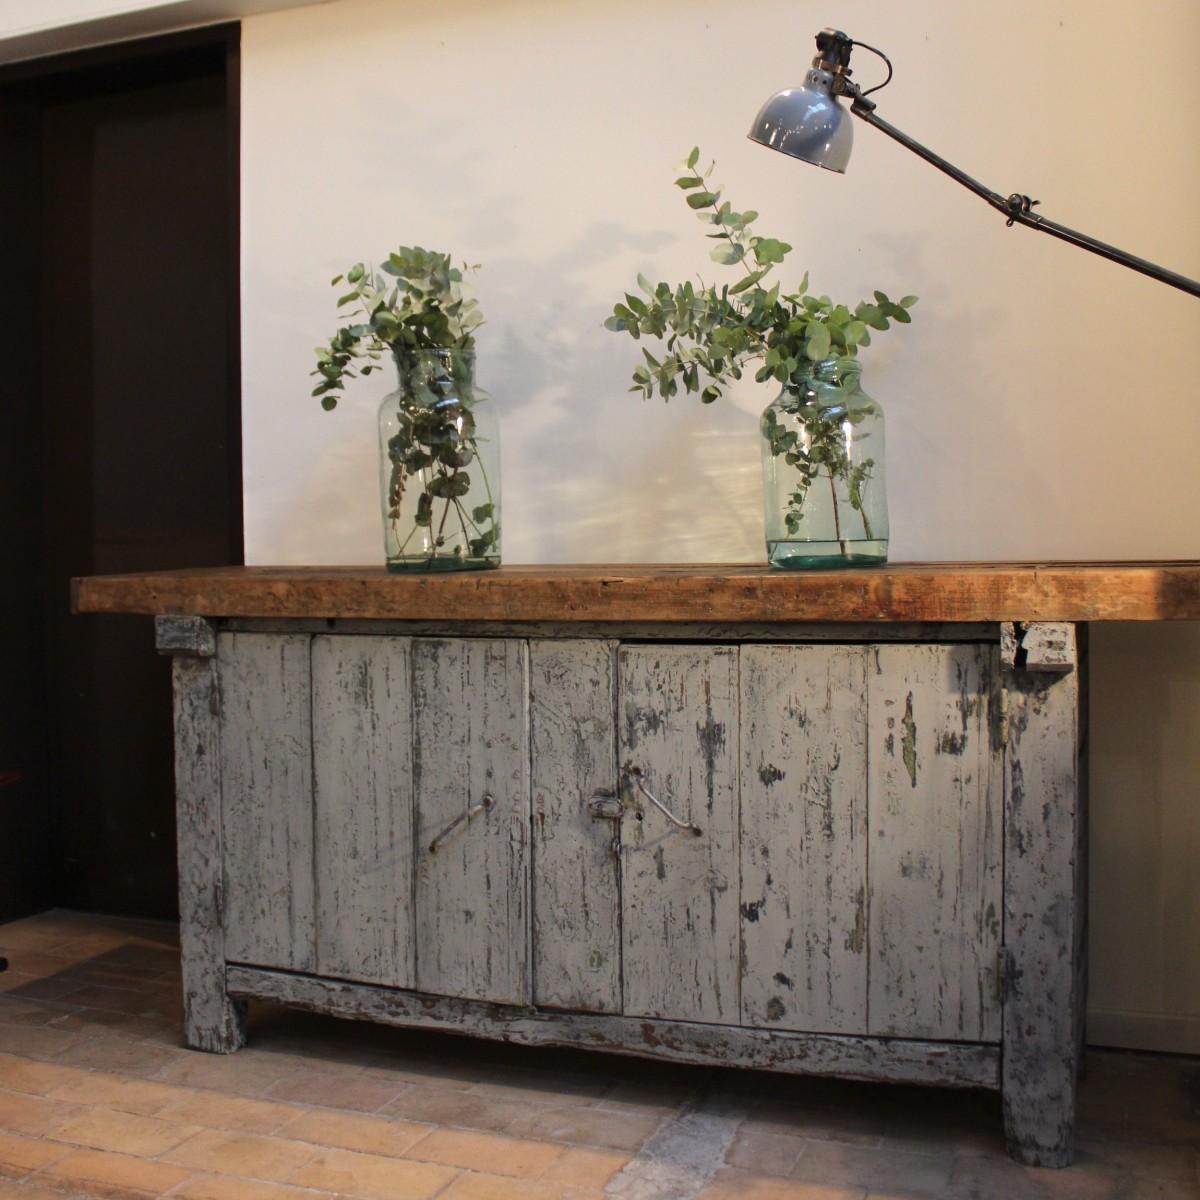 mobilier industriel ancien tabli en bois. Black Bedroom Furniture Sets. Home Design Ideas